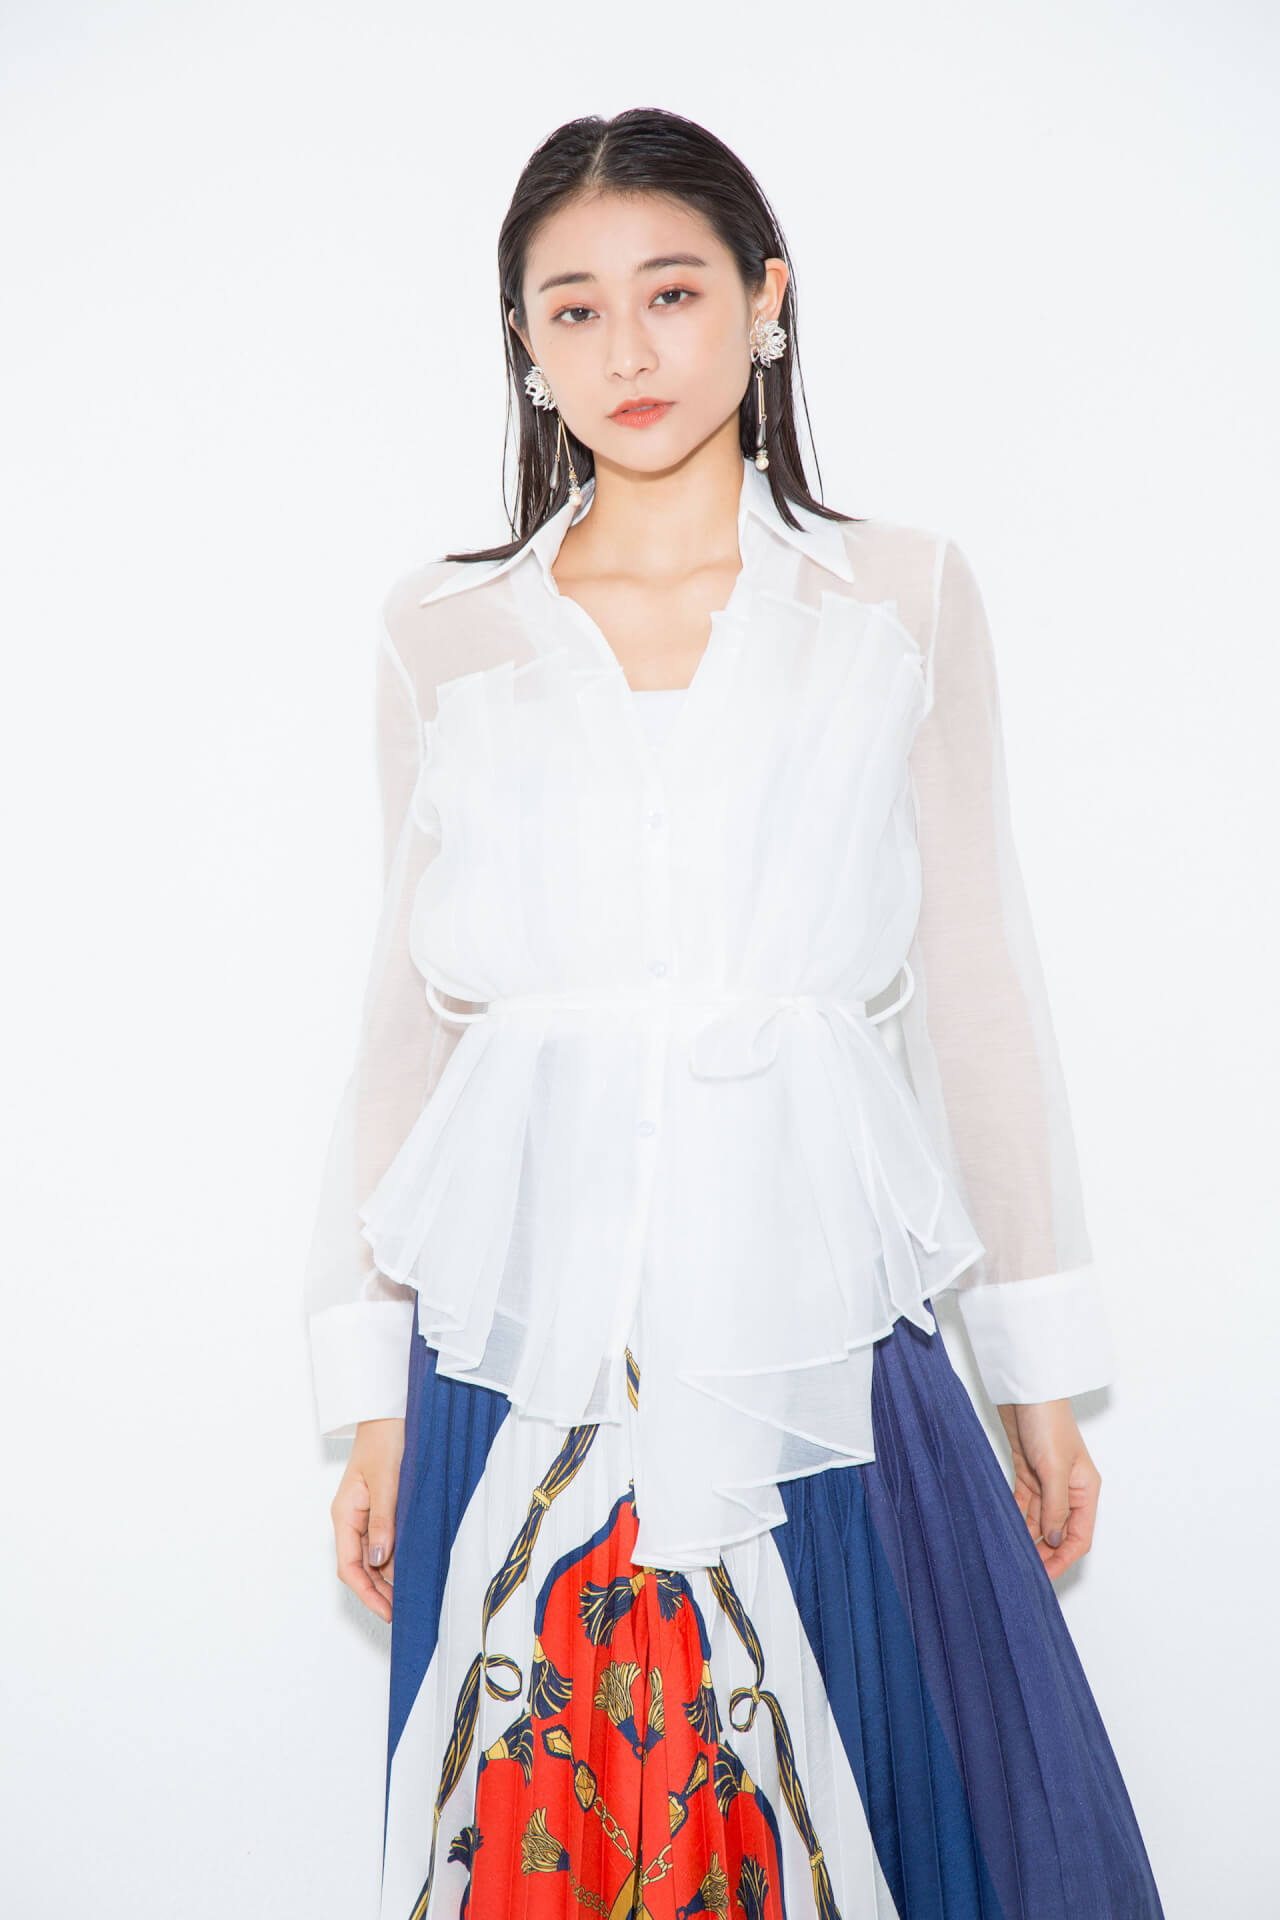 元アンジュルム和田彩花、「私の活動のイントロダクション」と語る自身作詞のソロ曲「Une idole」を発表! music191009_wadaayaka_1